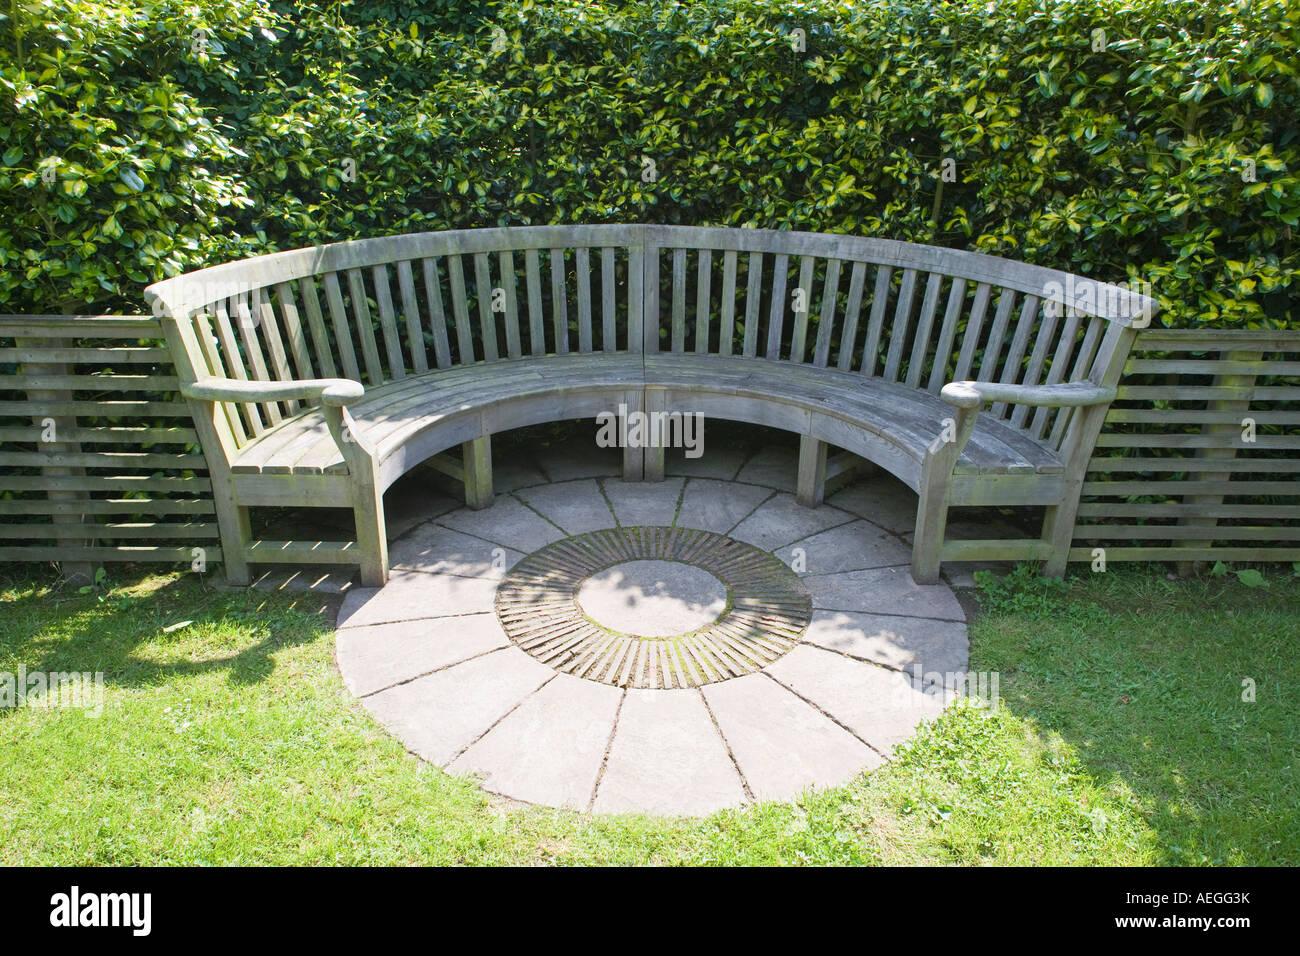 Semi Circulaire En Bois Banc De Jardin En Jardin Uk Banque Dimages